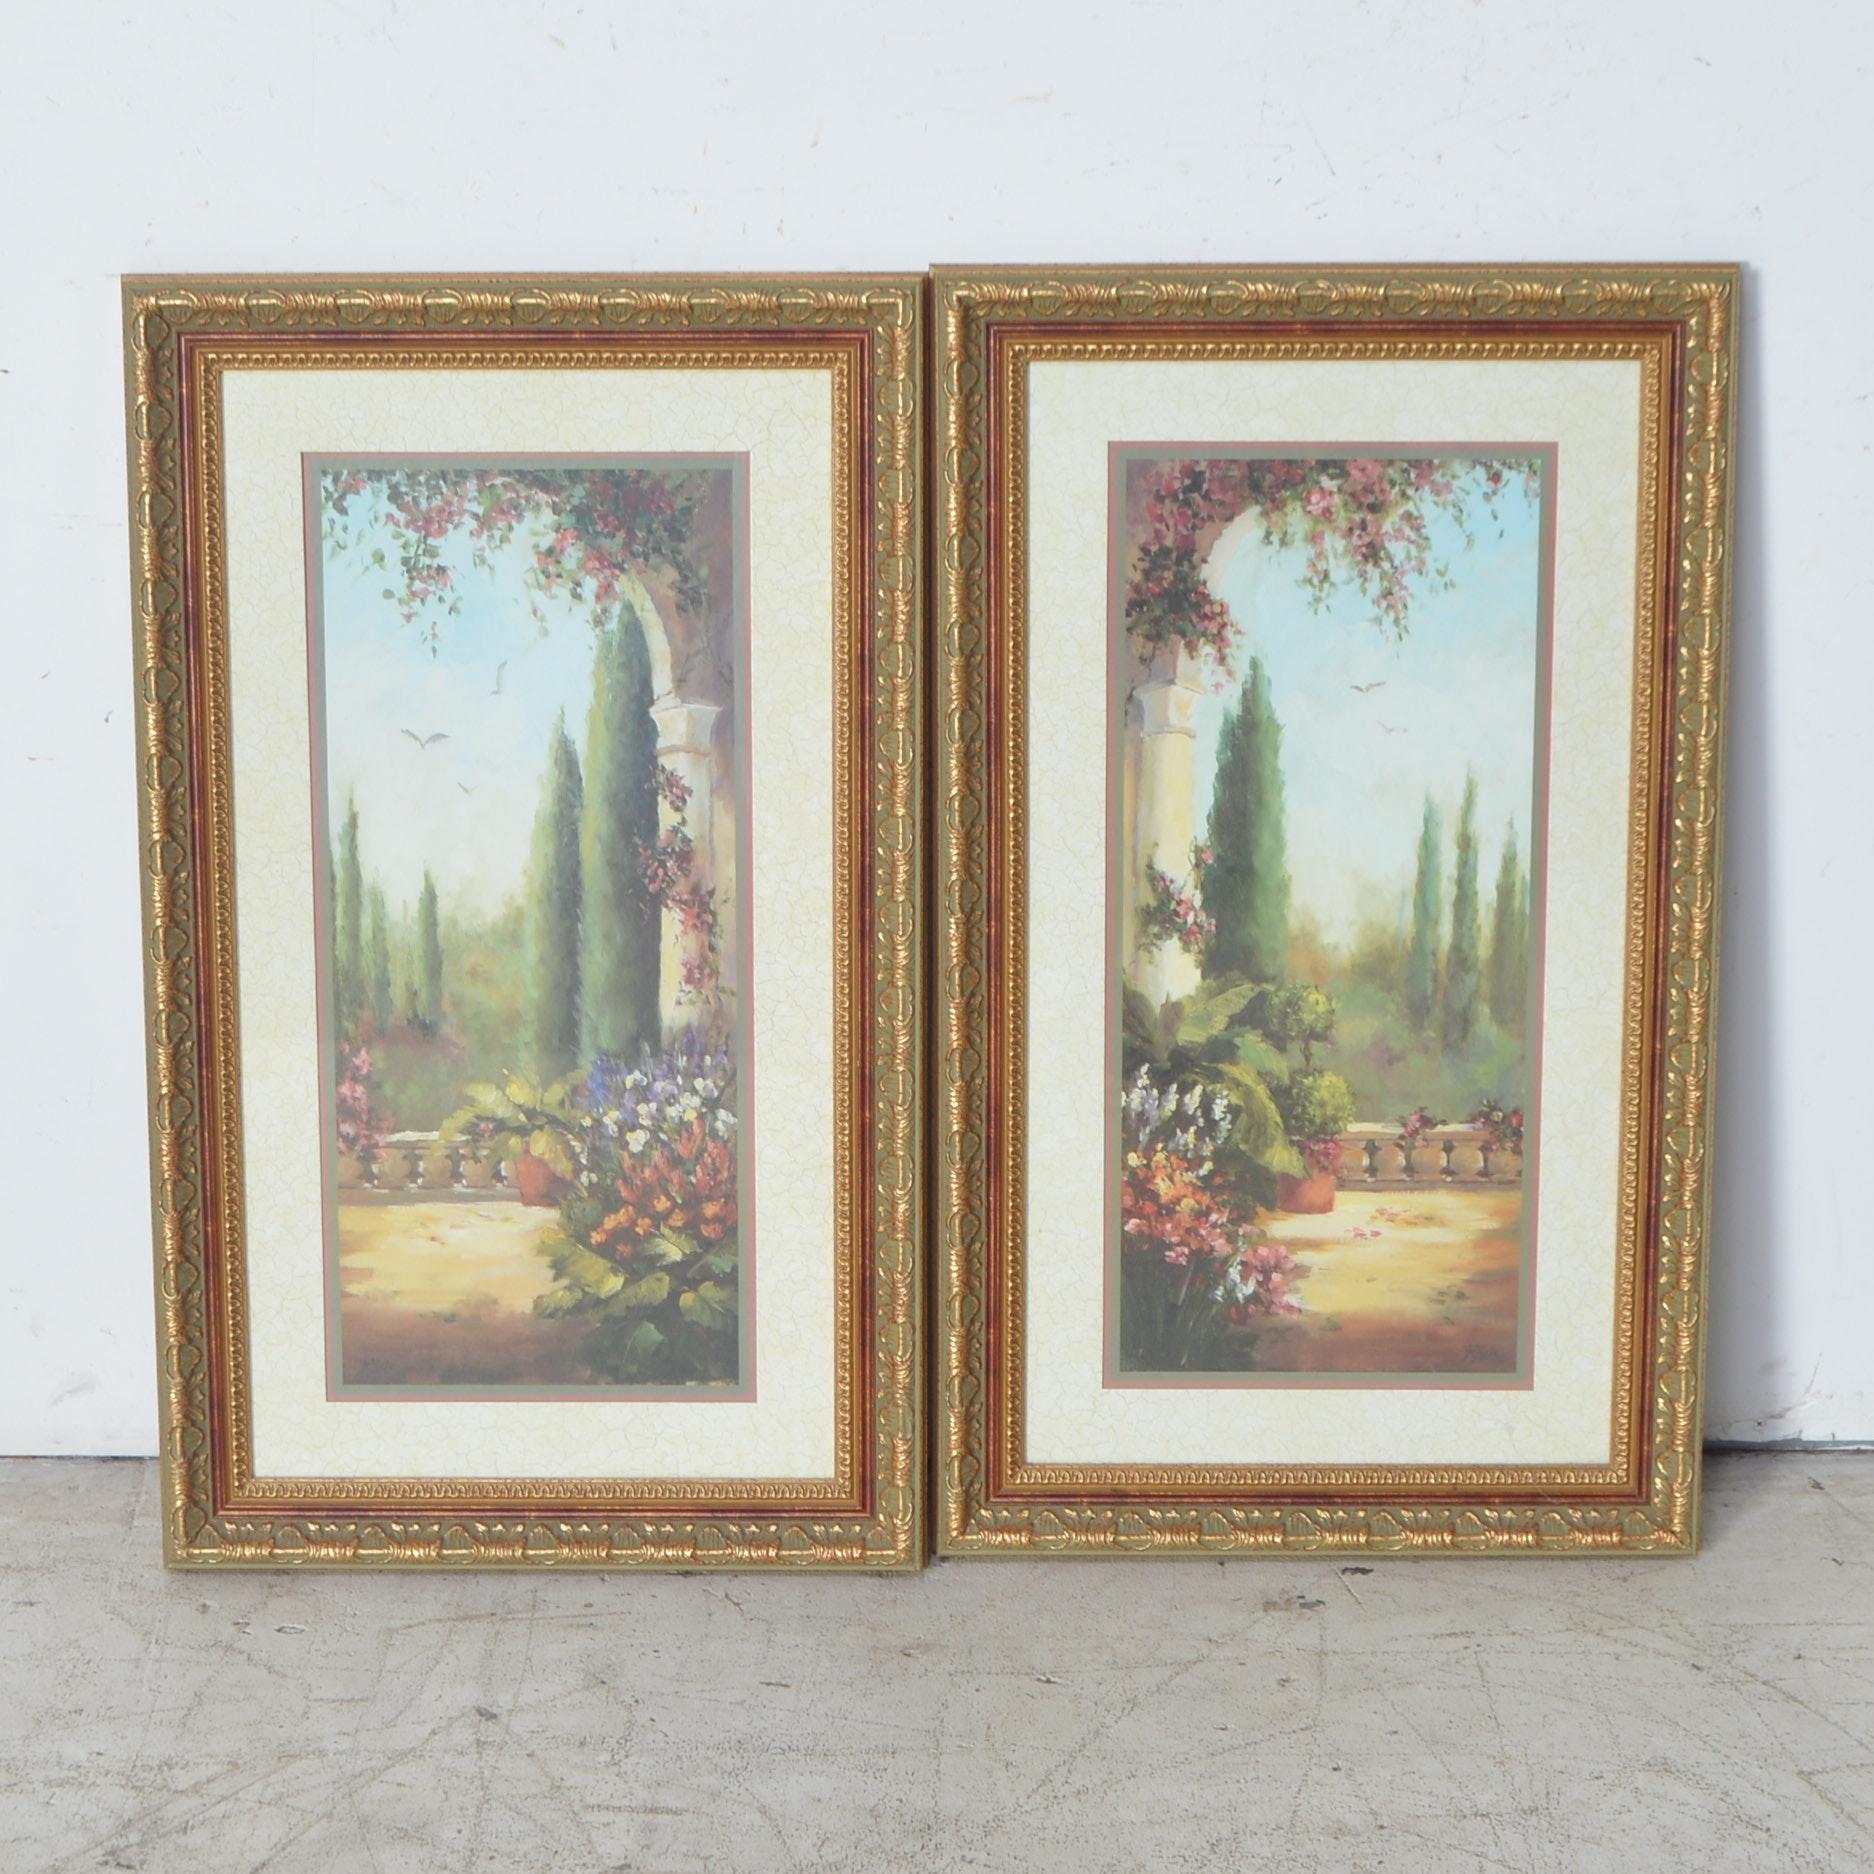 Pair of Framed Offset Lithographs of a Garden